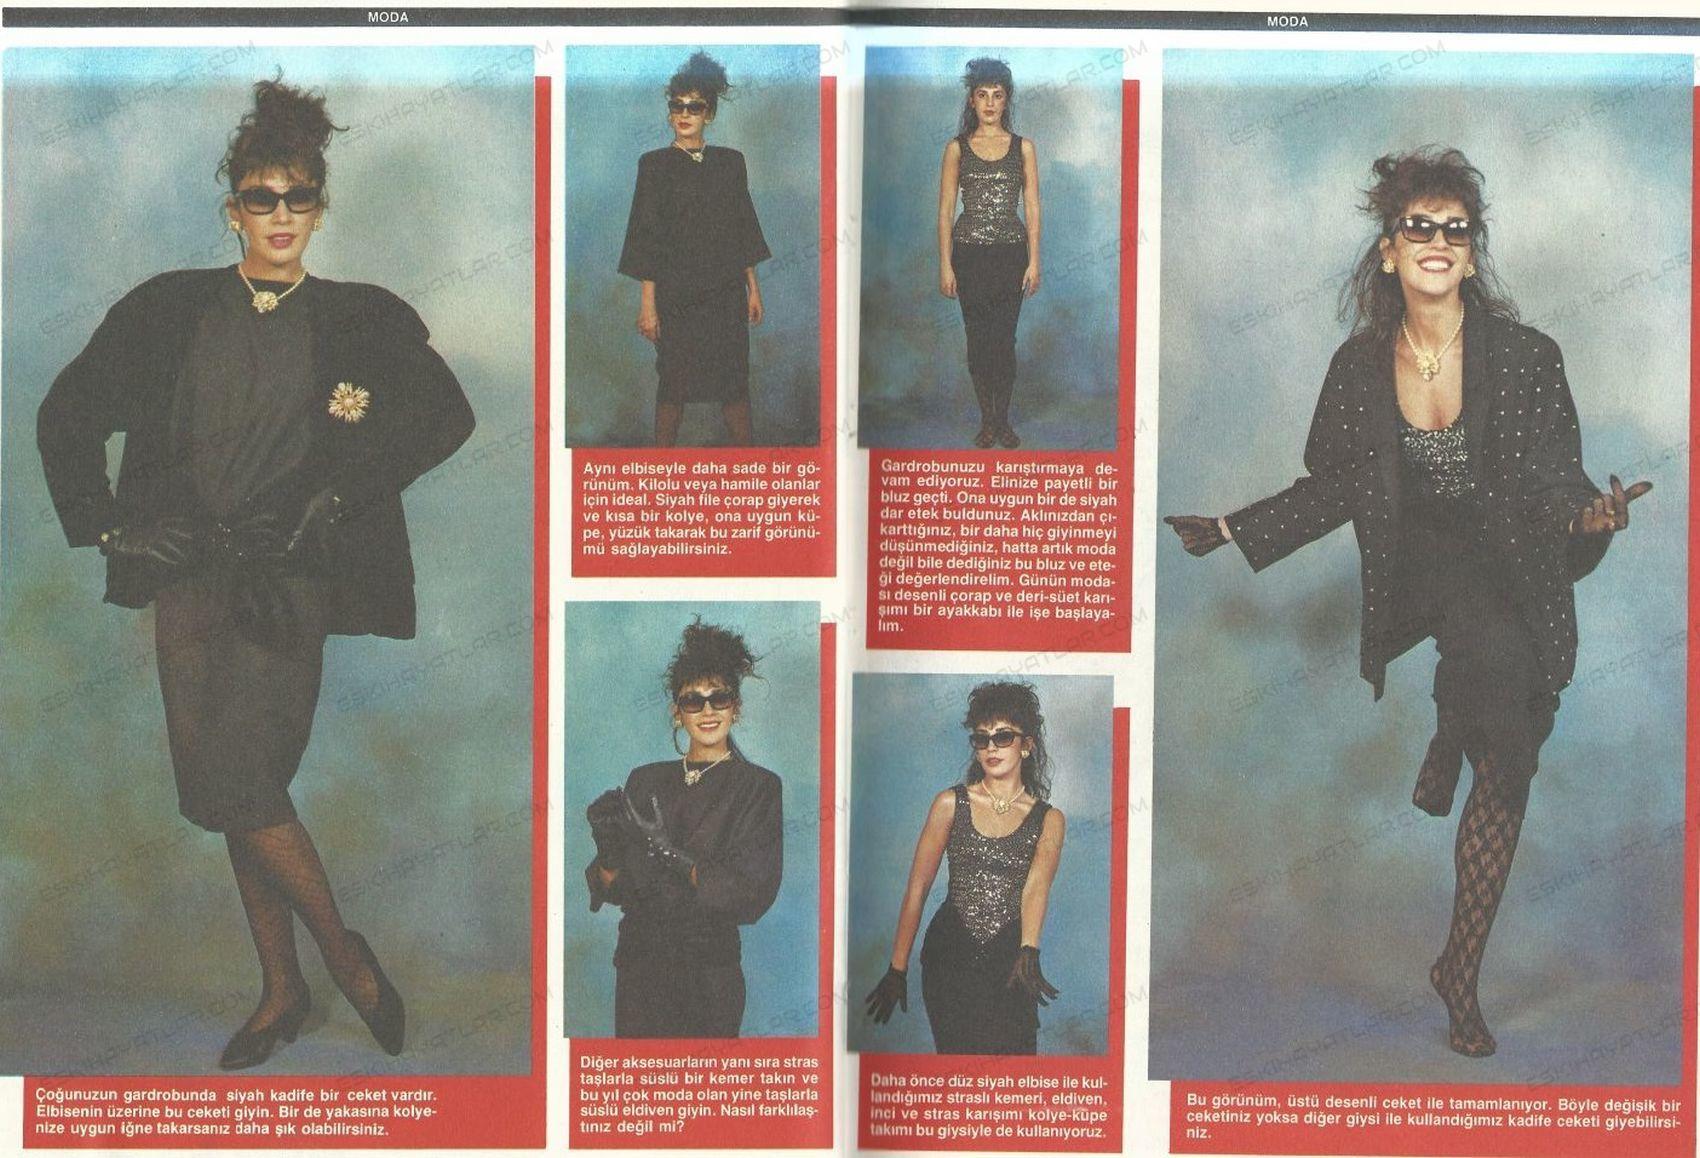 0125-nermi-erdur-kimdir-cigdem-tunc-gencligi-seksenlerde-kadin-giyim-yilbasi-kiyafetleri-1985-yili-kadinca-dergisi-fotograflari-neslihan-yargici-tasarimlari (3)